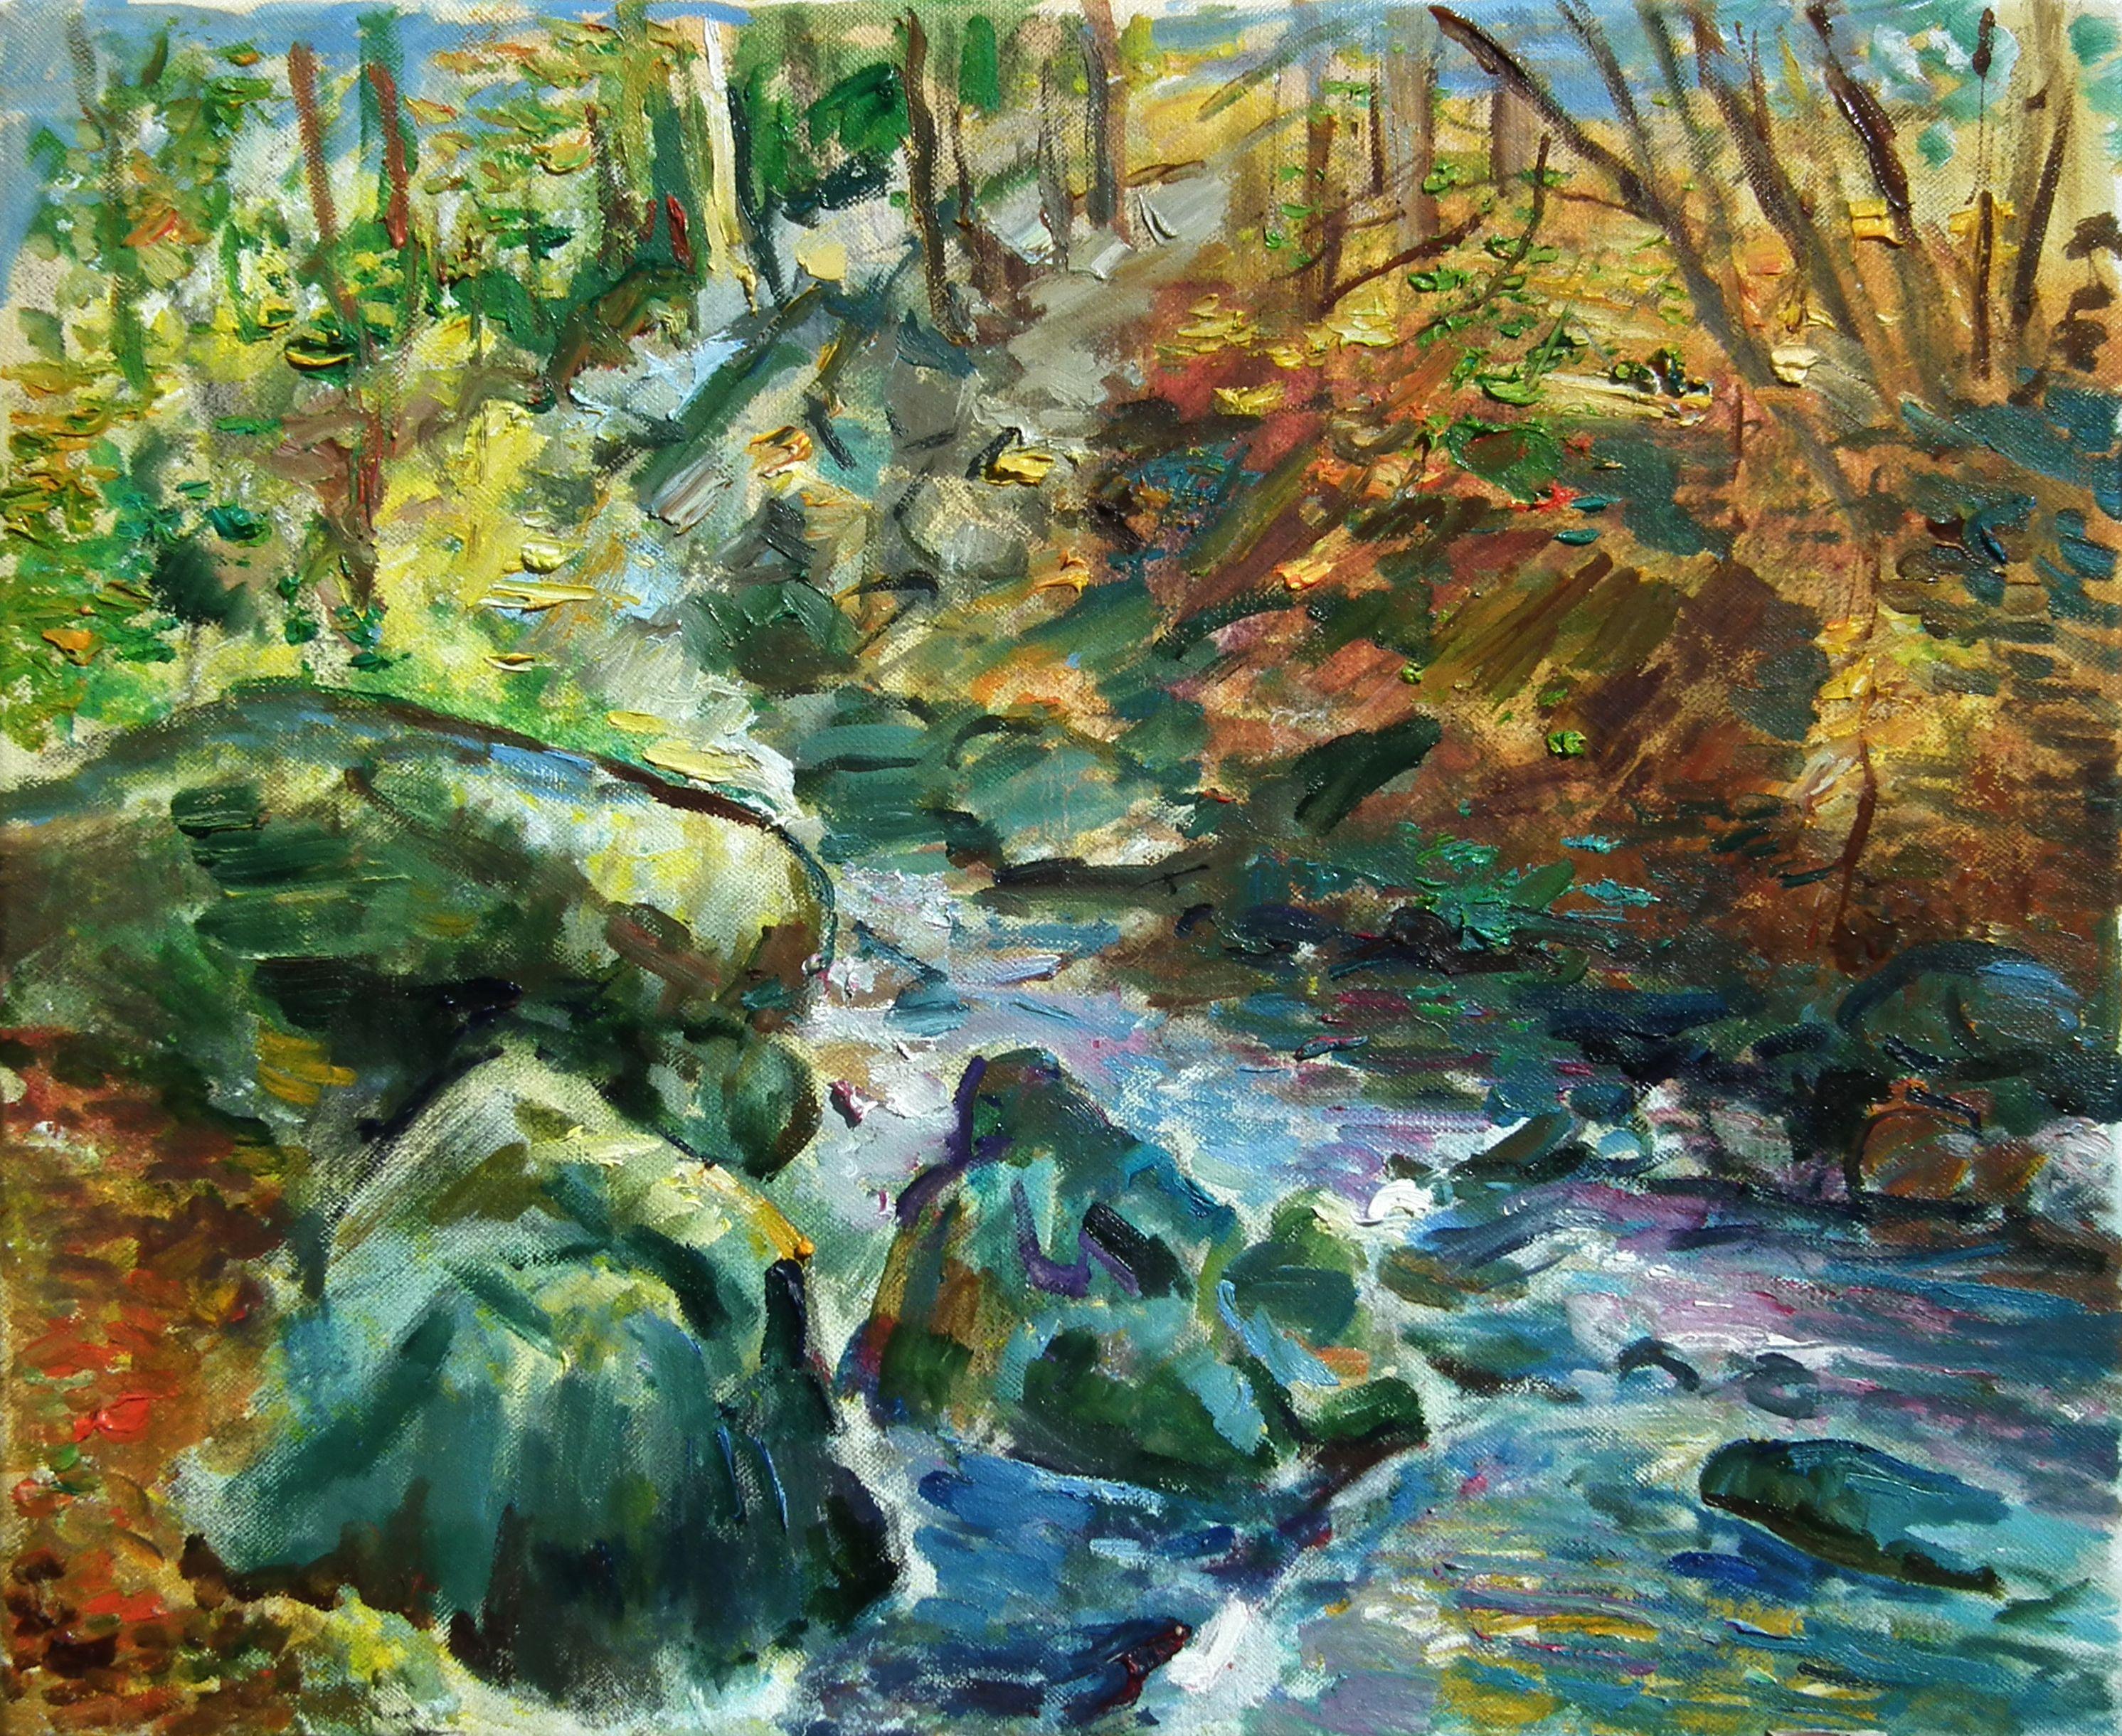 Tableau rivière nature 1 ced94c38b47d662e32358dd29d222fc1